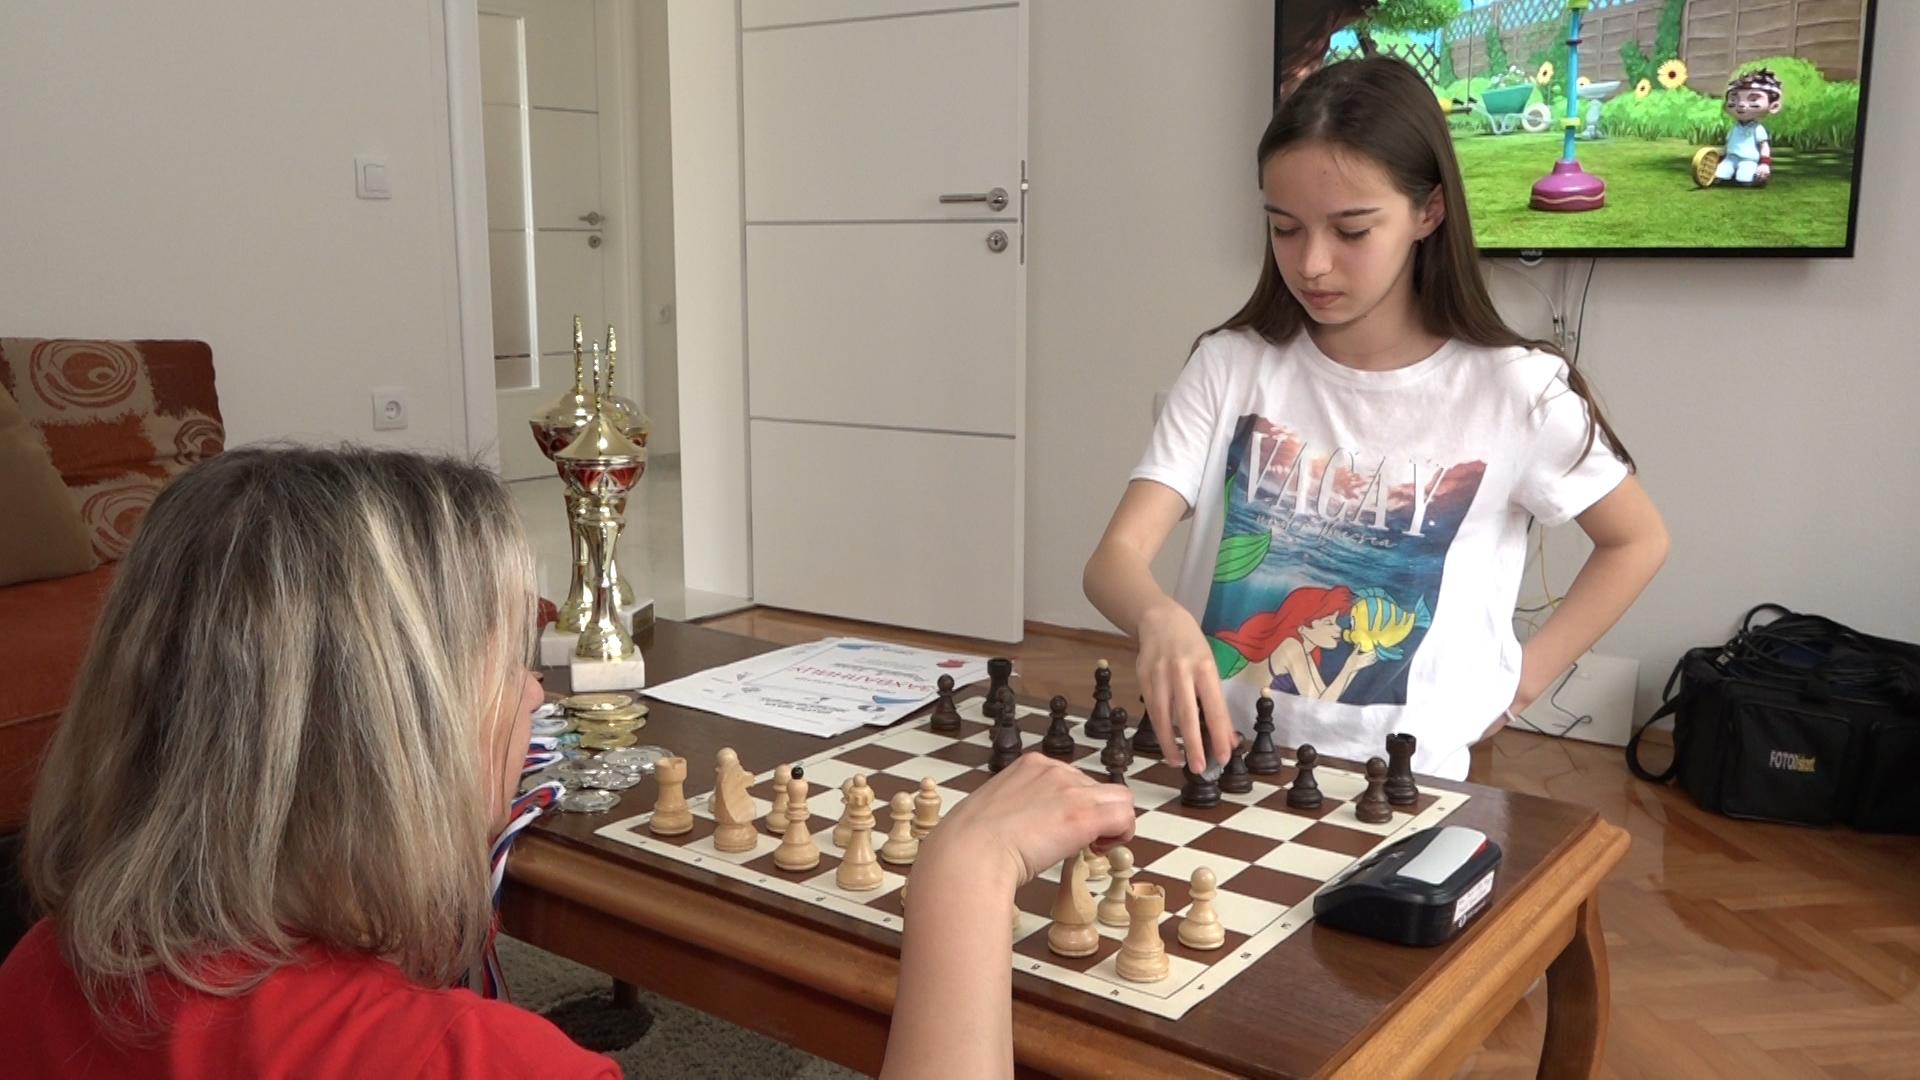 Paraćinka Nina Railić niže uspehe na šahovskim turnirima